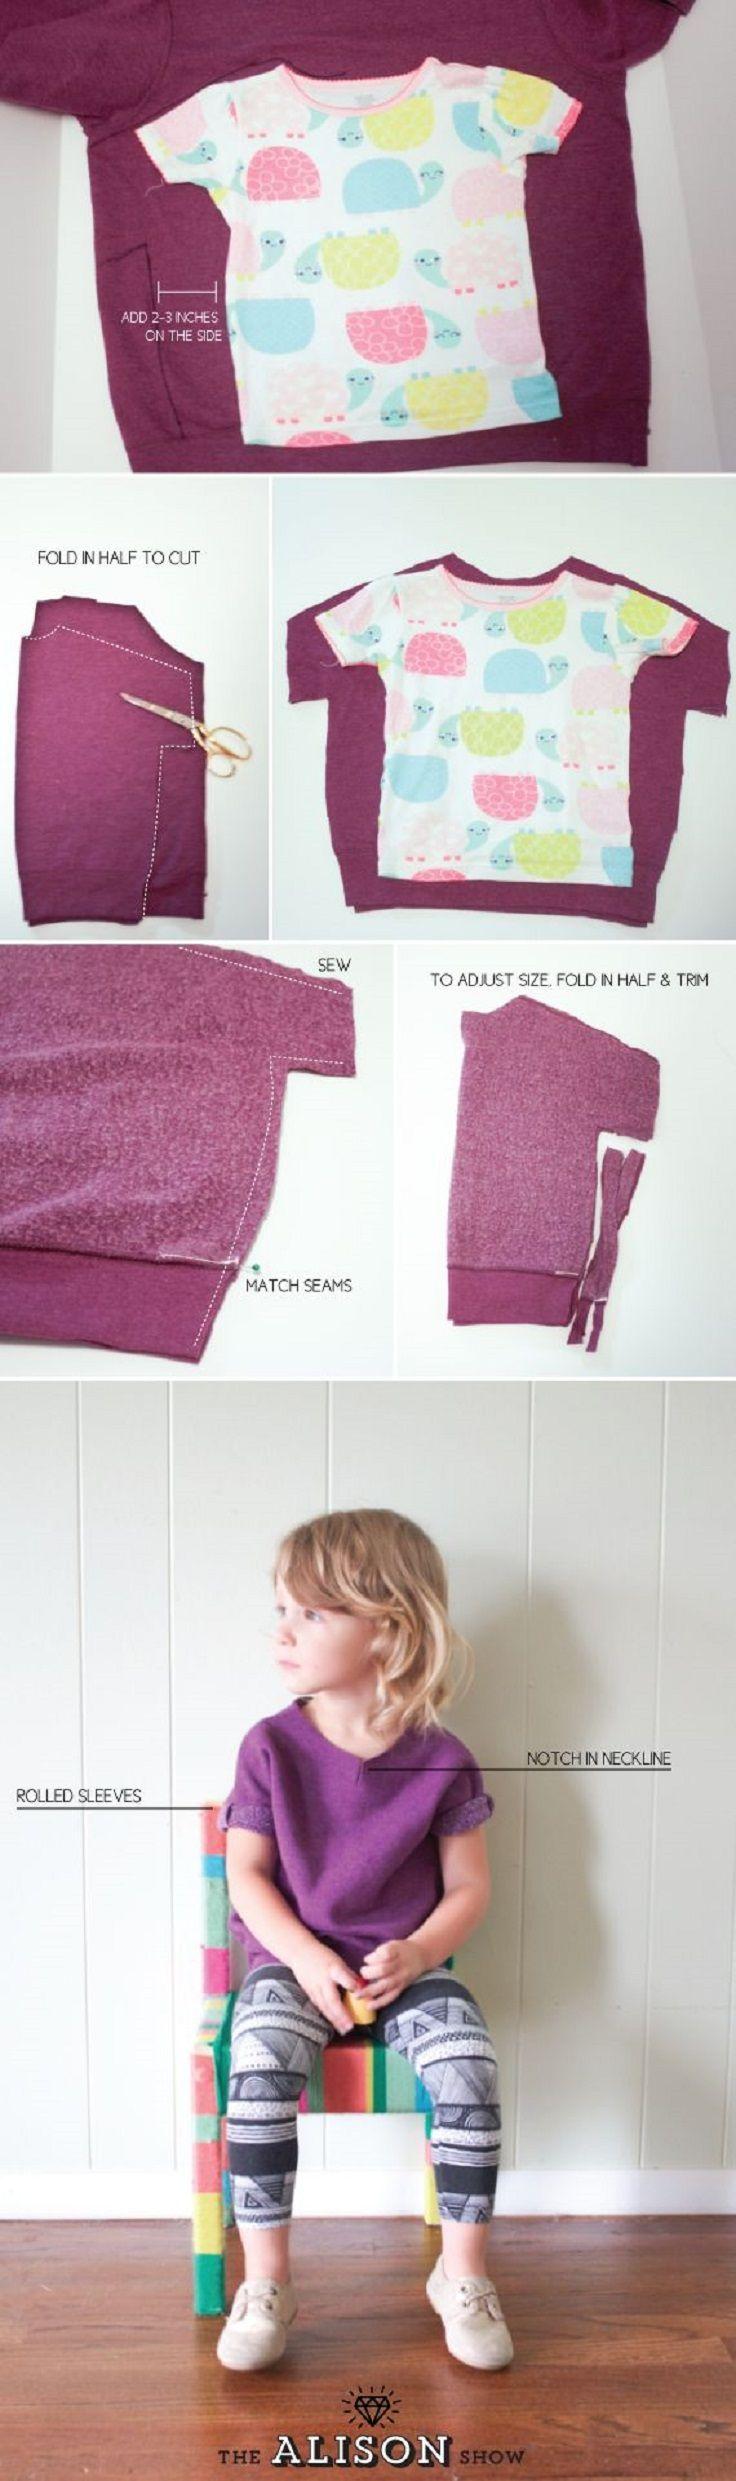 Cómo hacer una camiseta o jersey para niños, a partir de una camiseta o jersey de adulto (y 9 proyectos más)